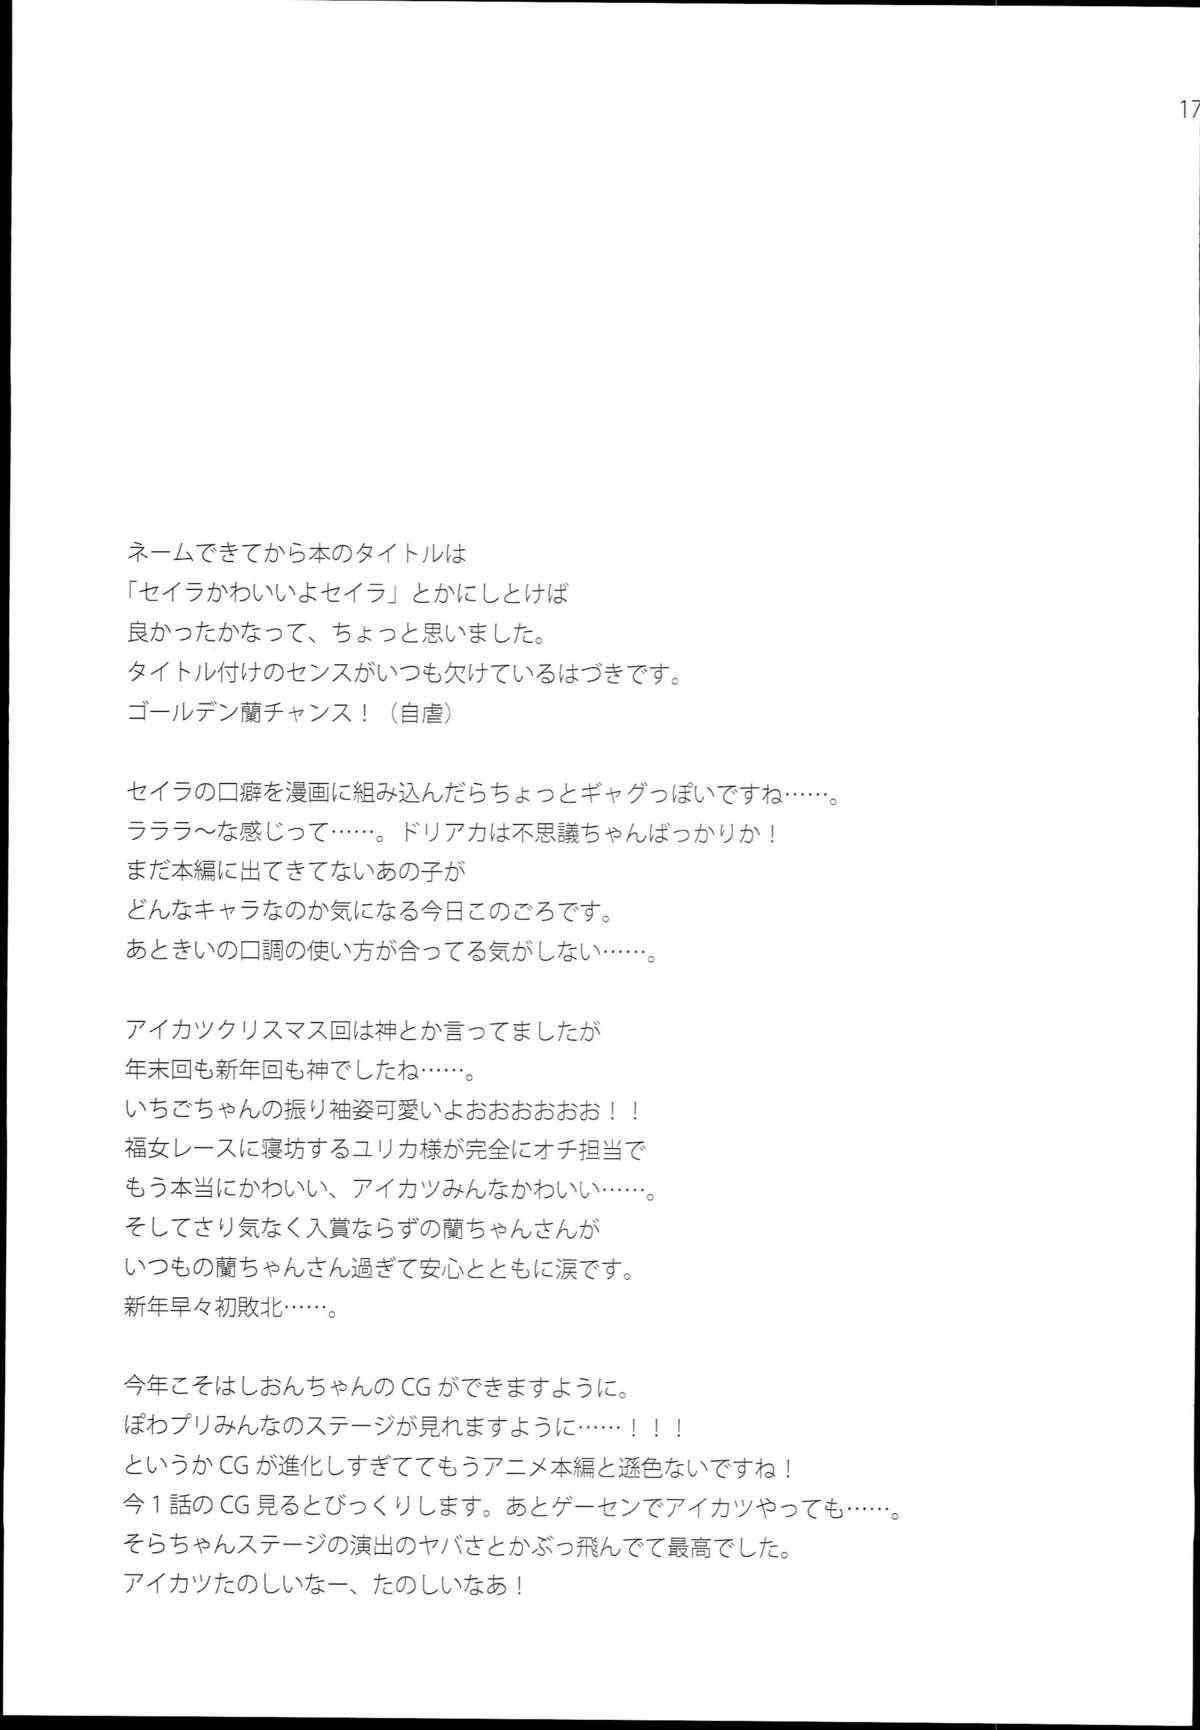 sayAIsayKATSU! 16